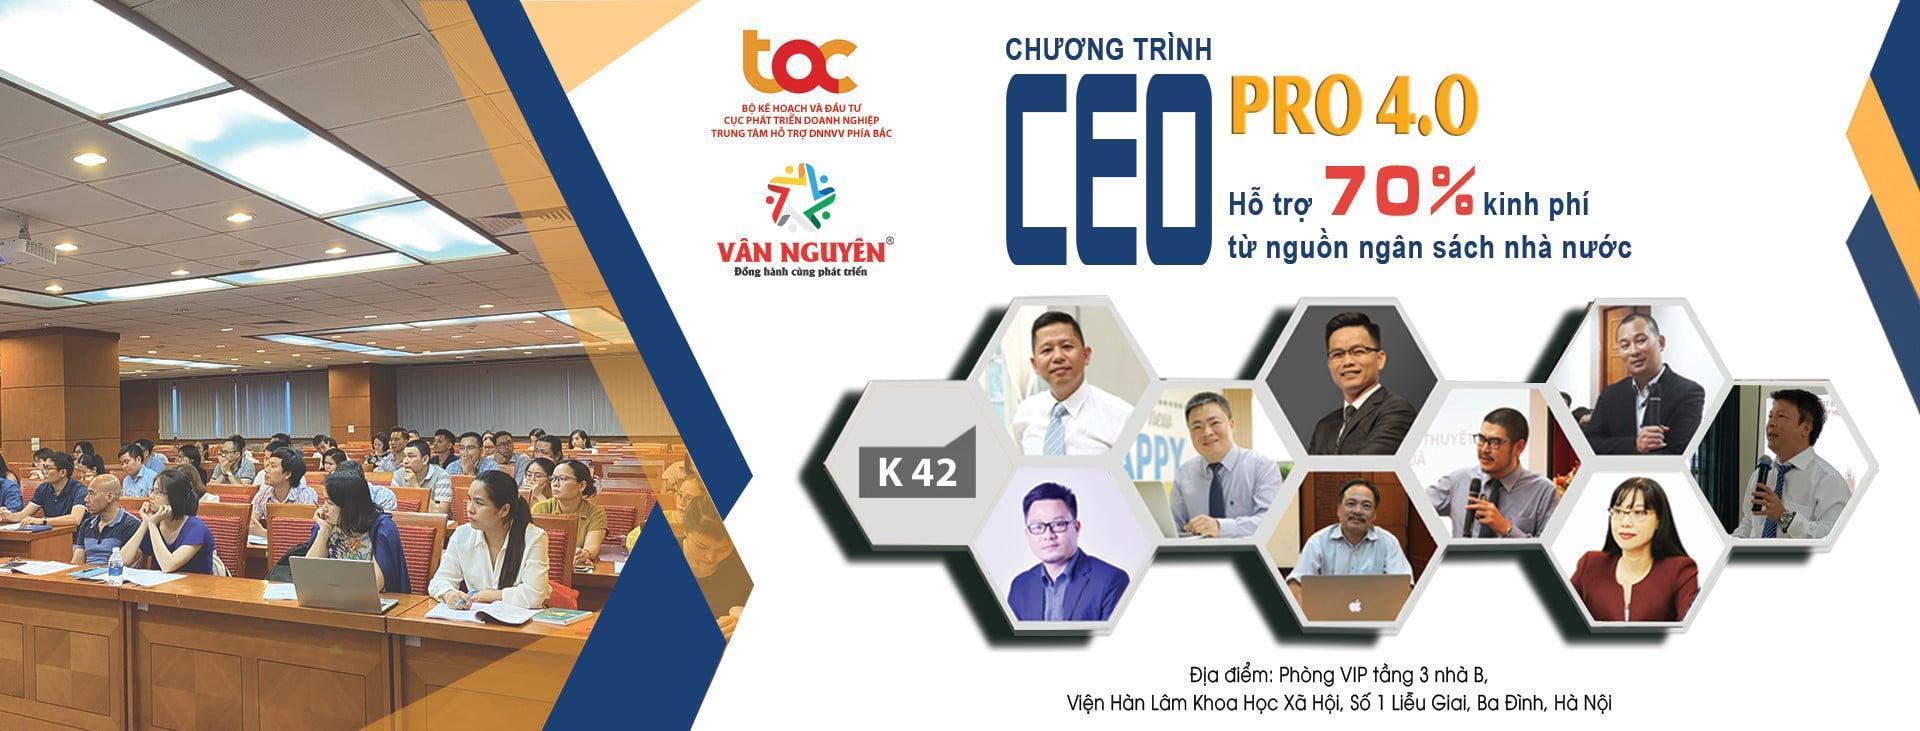 CEO PRO (K42) – Chiến lược tái cơ cấu của doanh nghiệp sau khủng hoảng